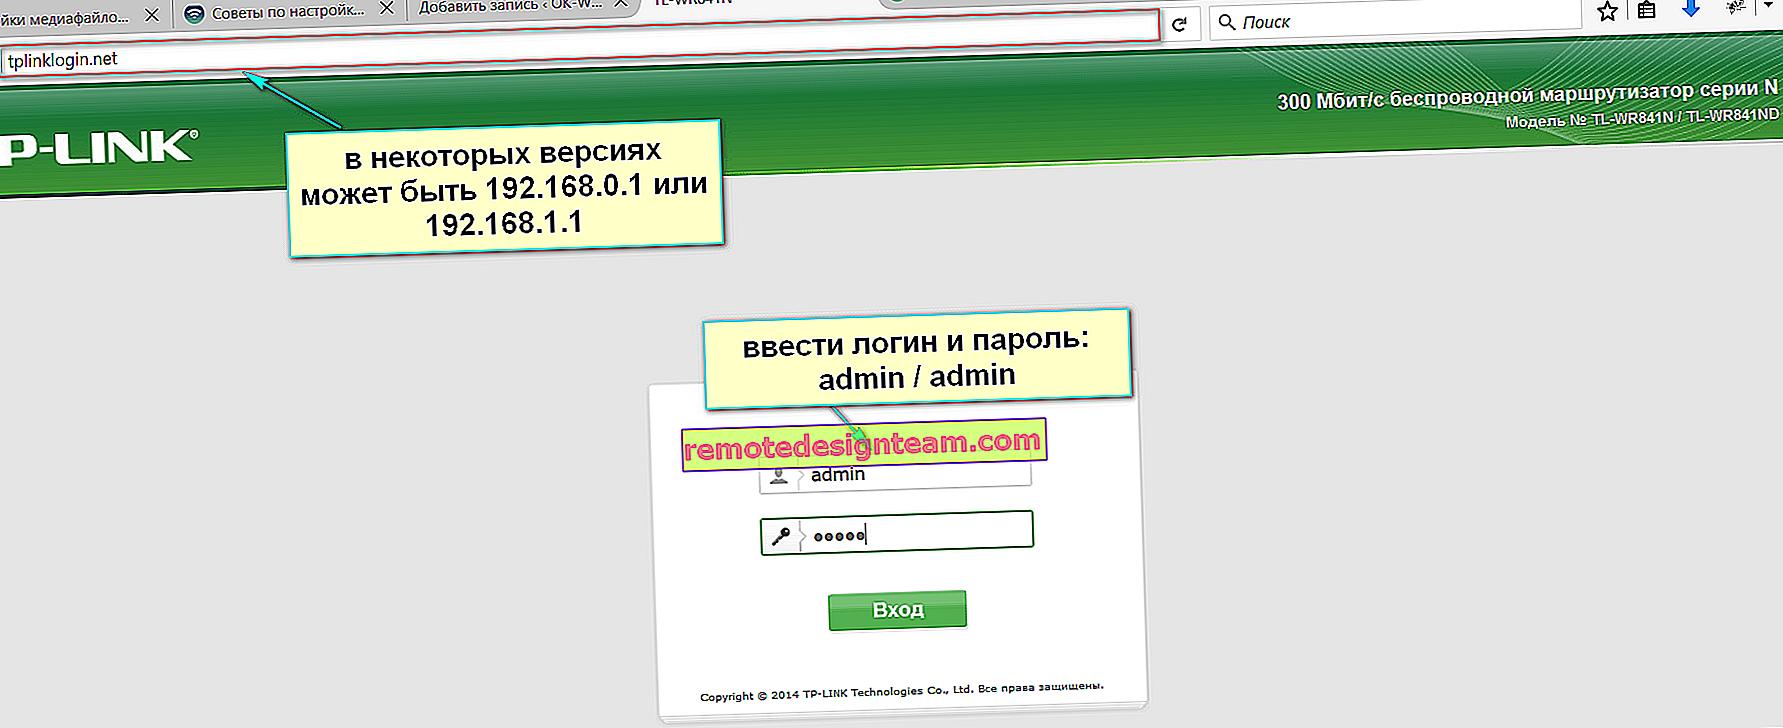 Zaloguj się do swojego osobistego konta routera TP-Link